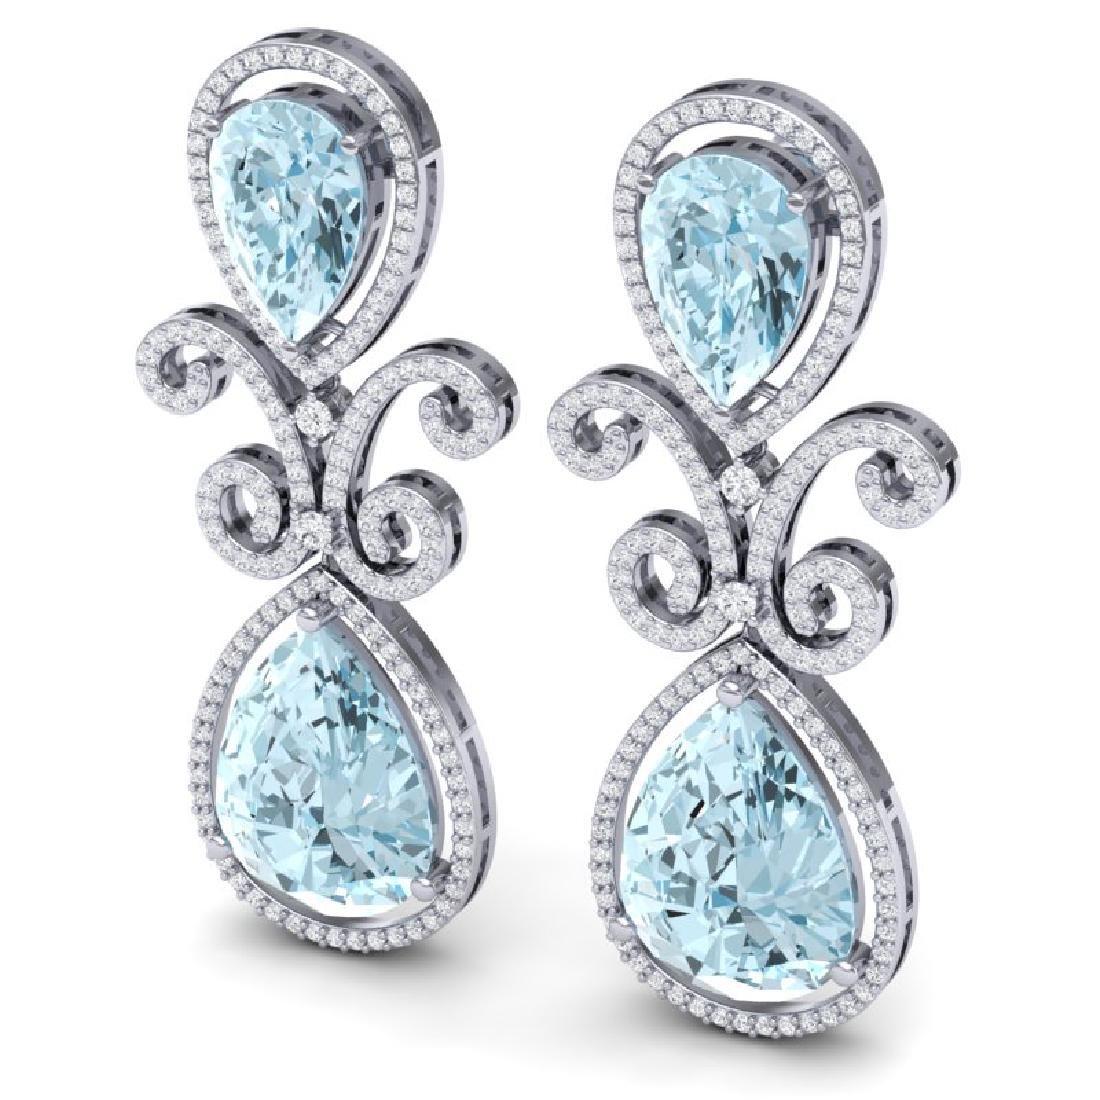 30.49 CTW Royalty Sky Topaz & VS Diamond Earrings 18K - 2